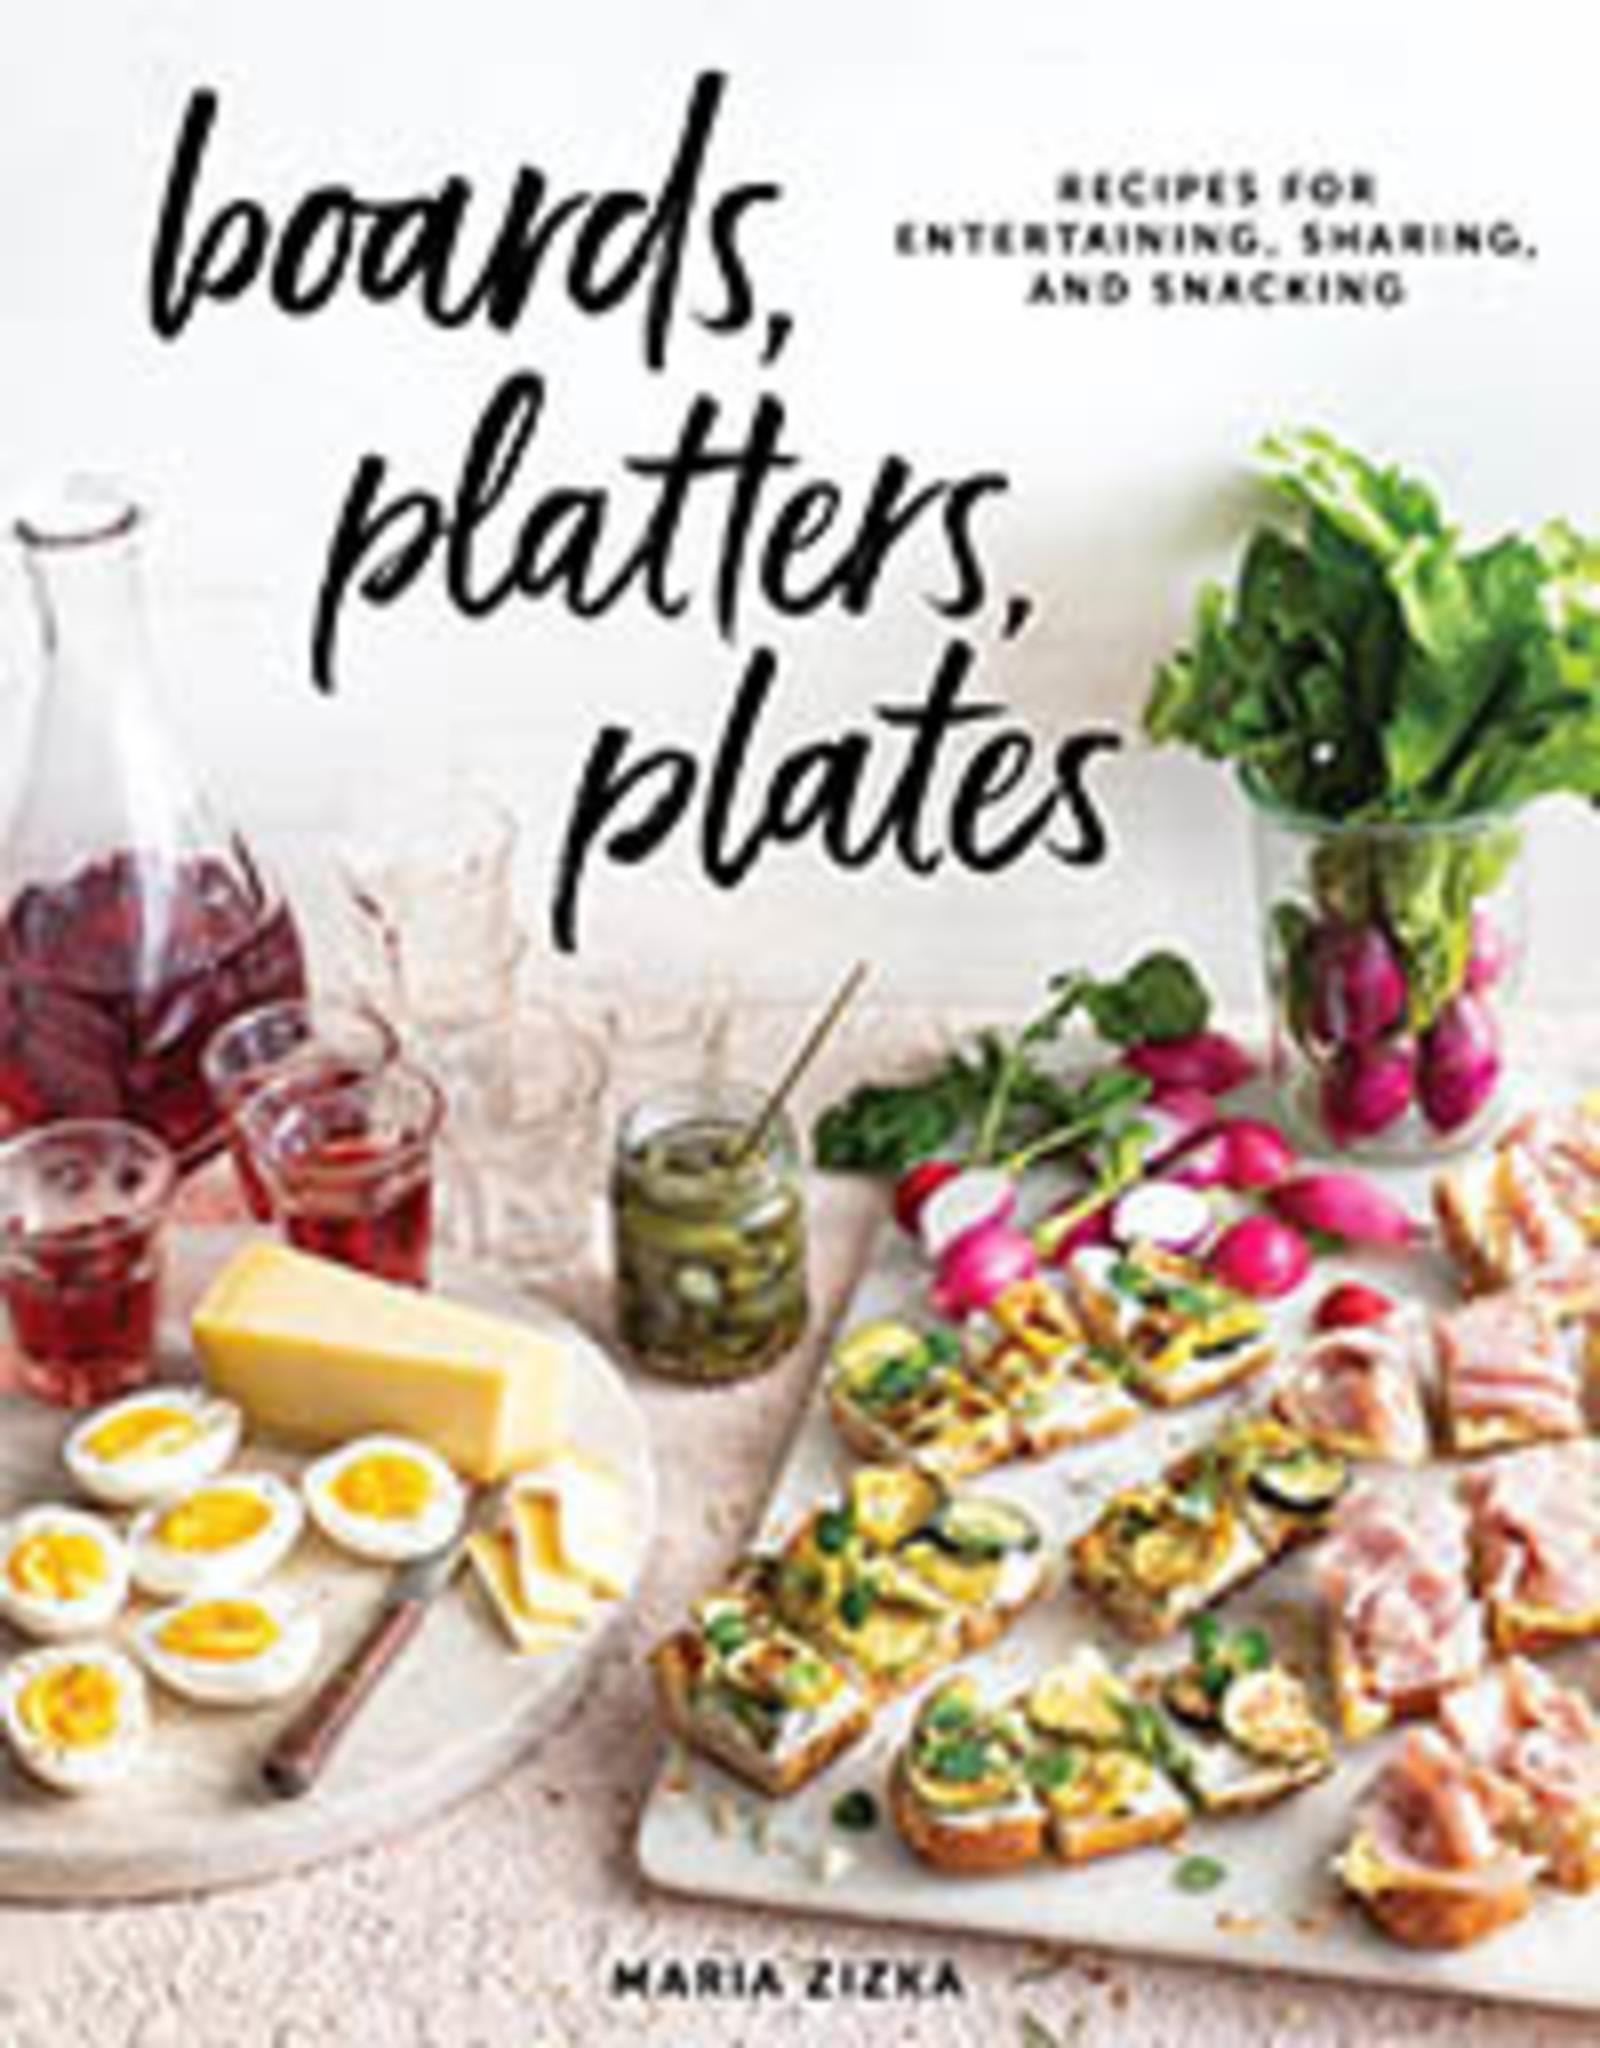 Website Boards, Platters, Plates